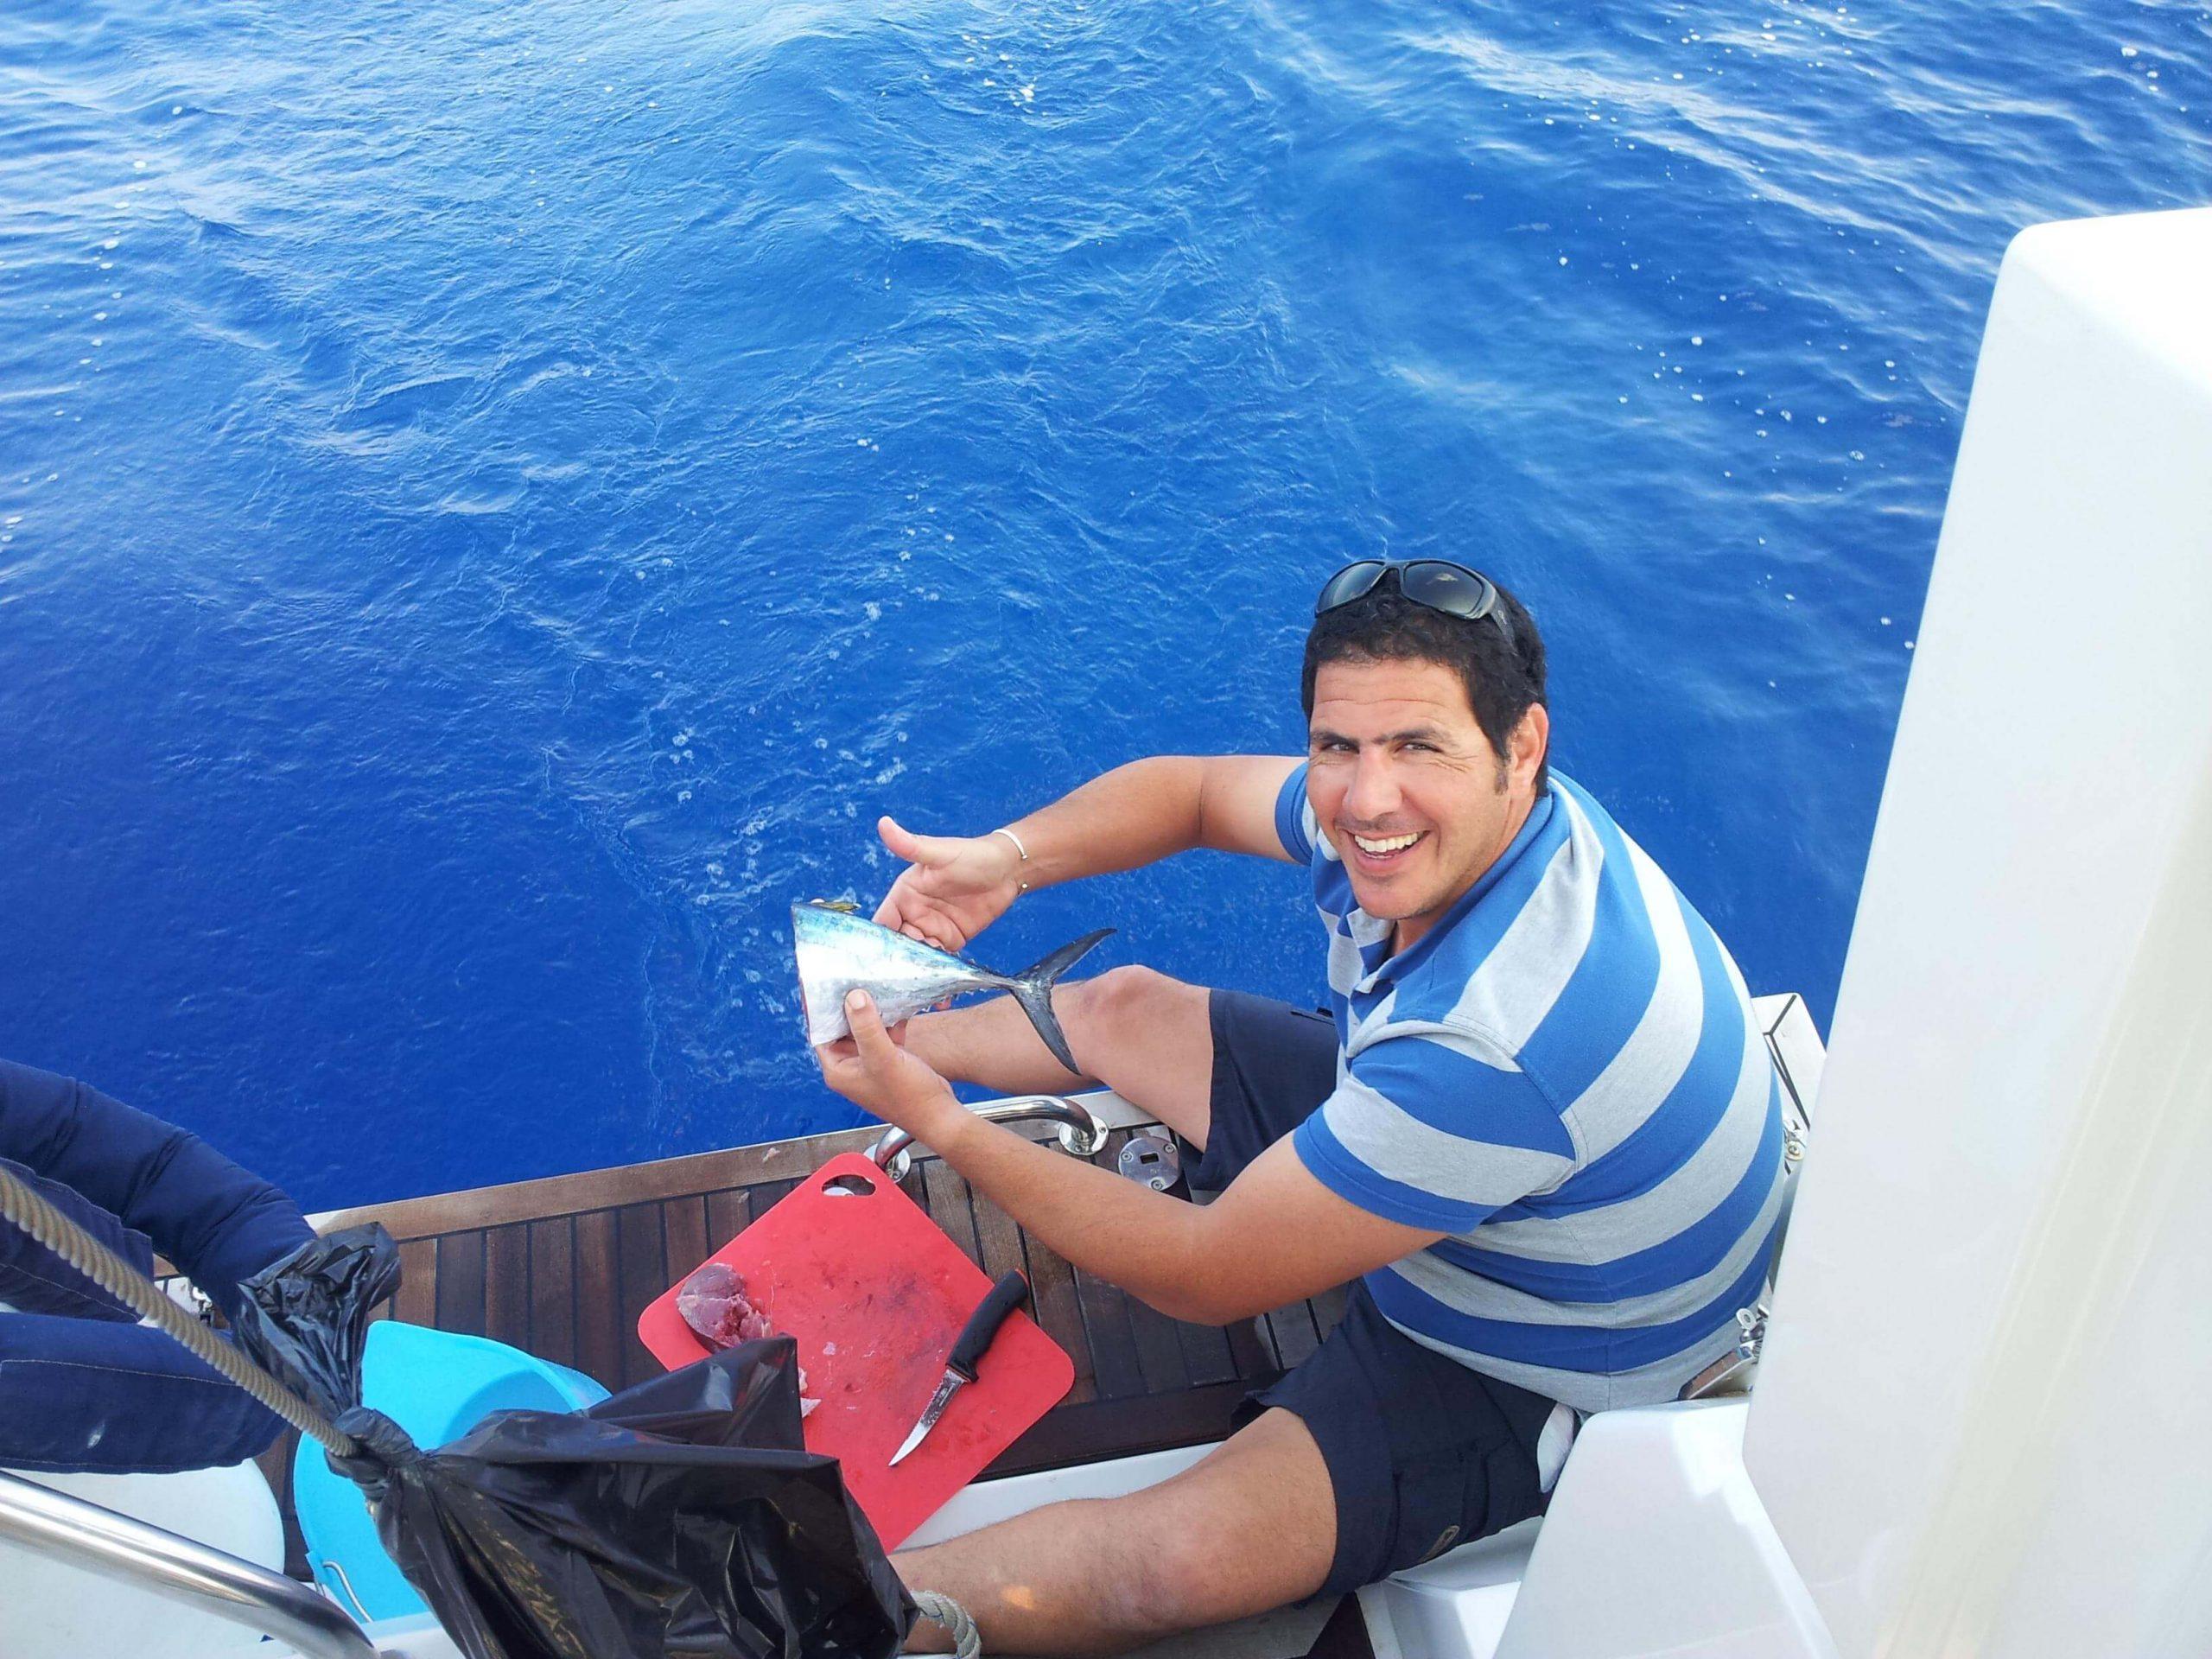 הפלגה לקפריסין - מפלטים דגים